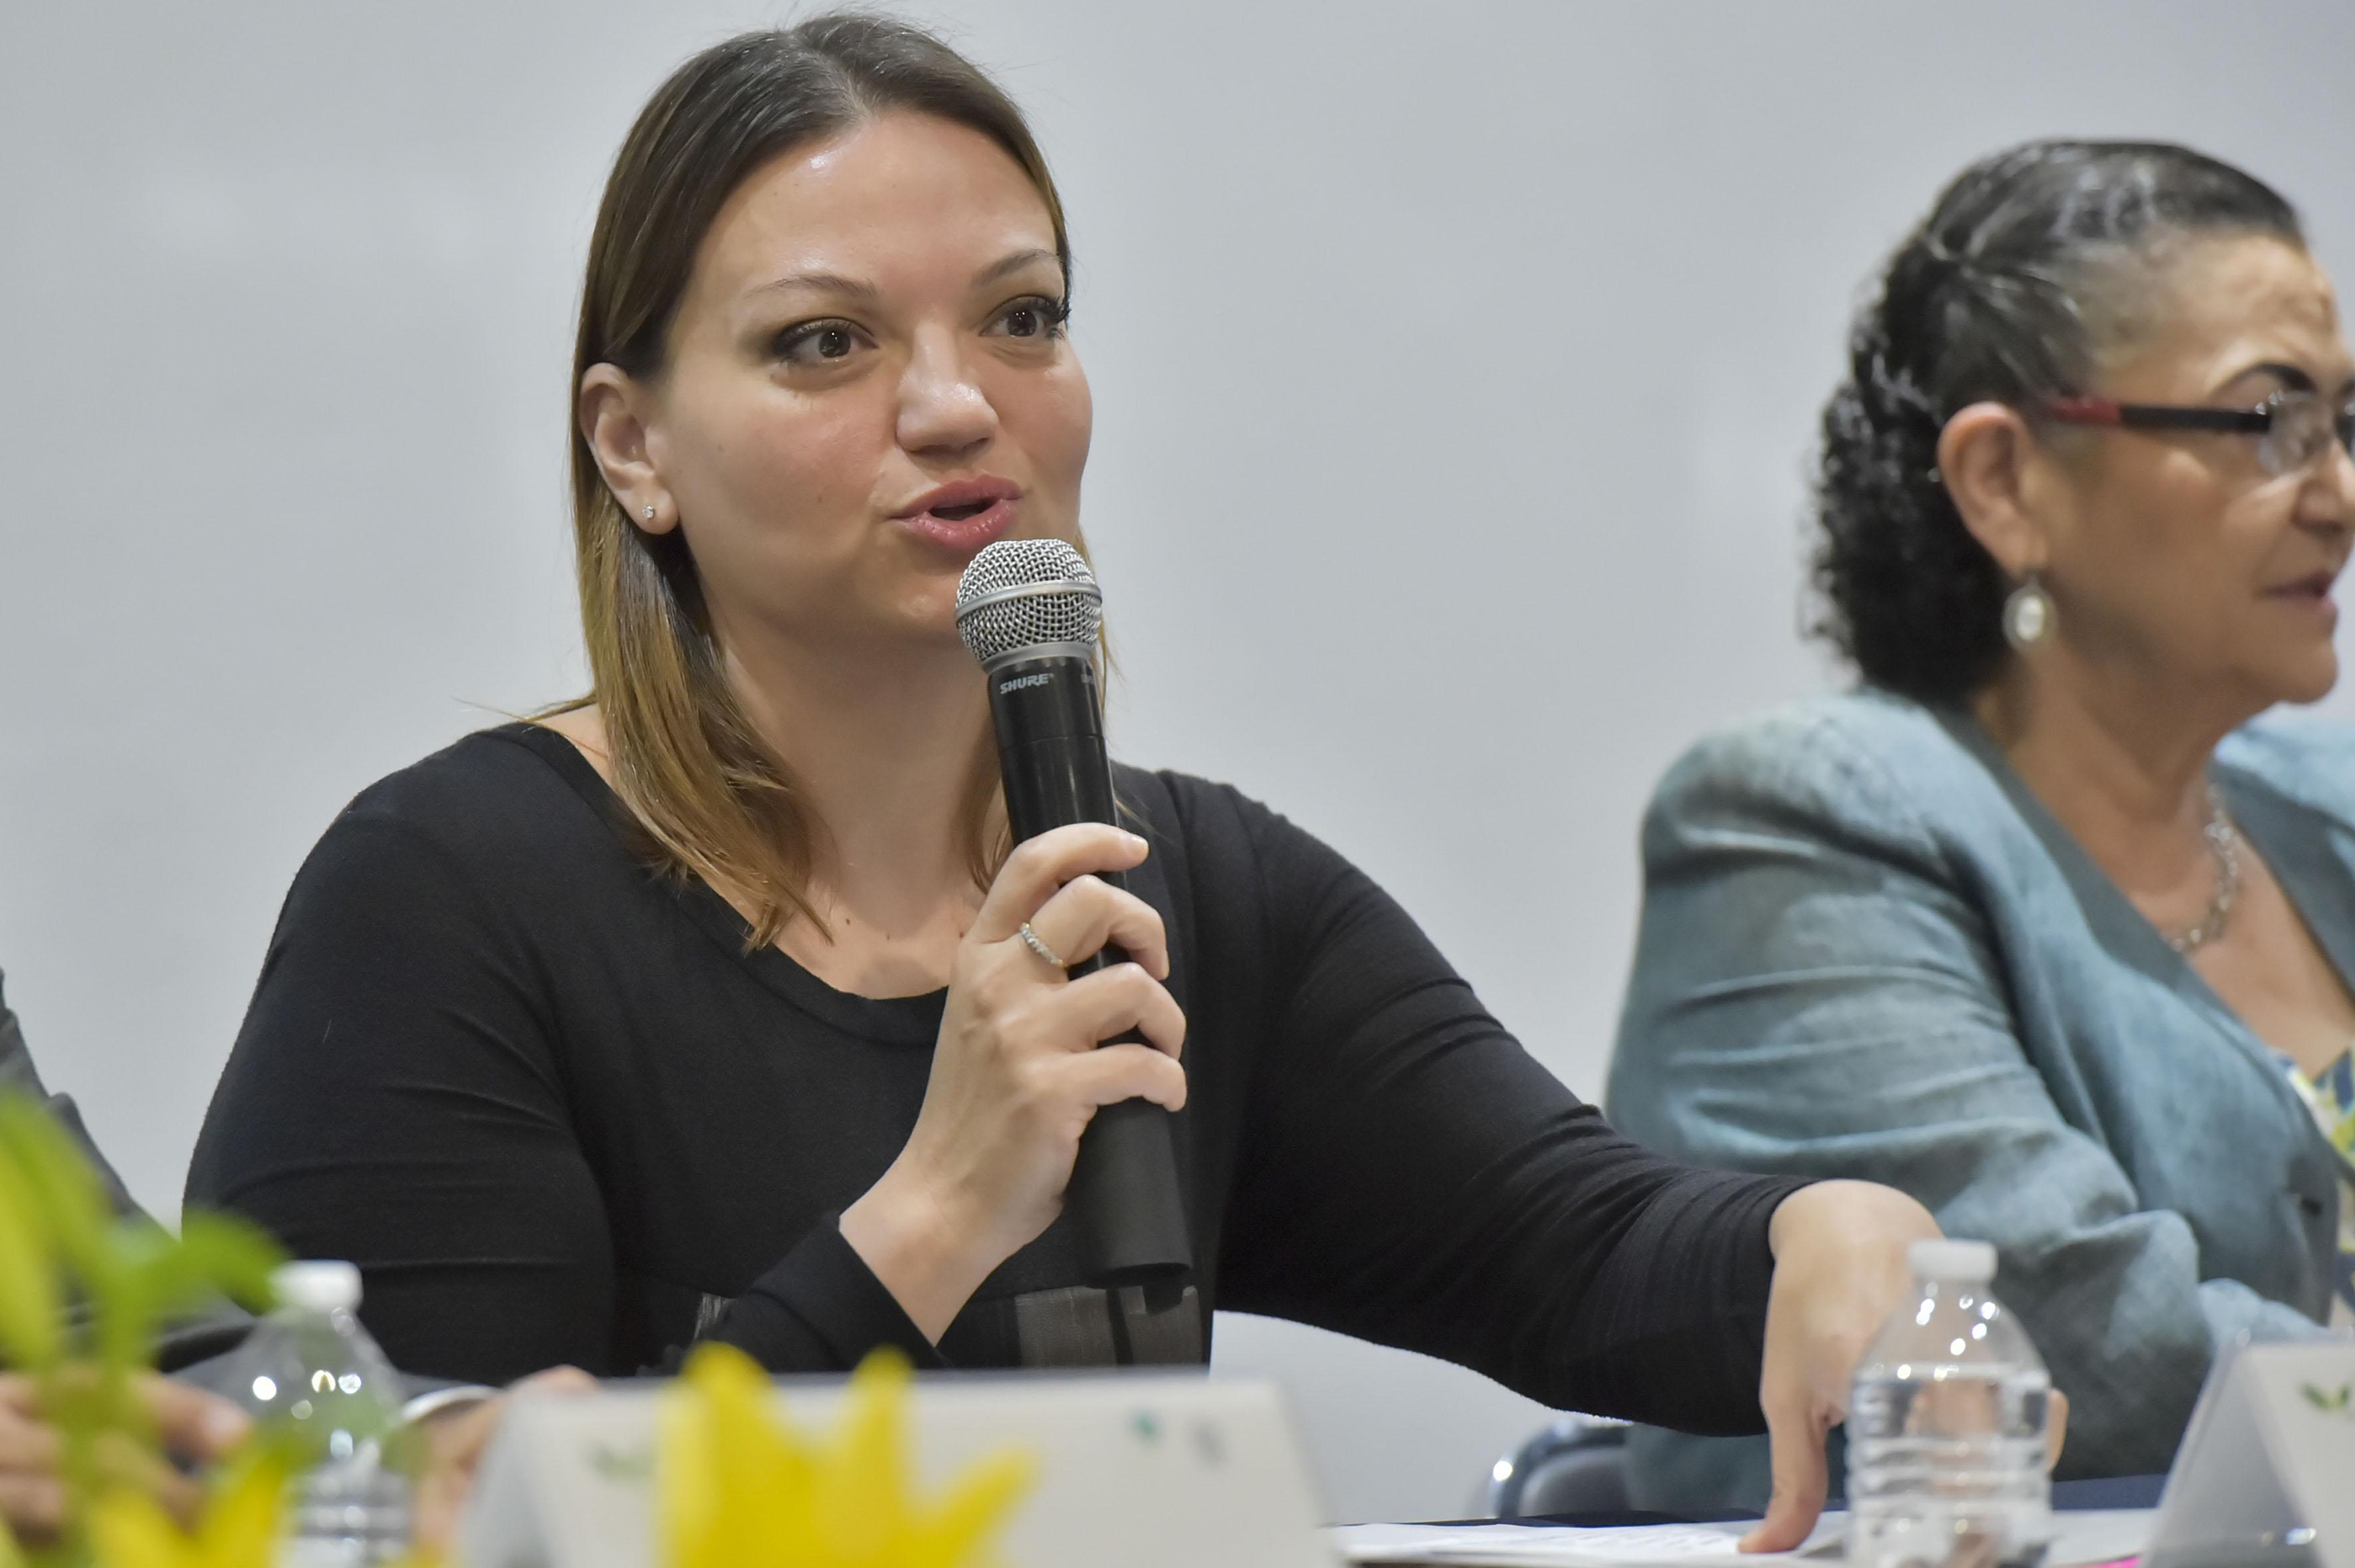 Rectora del Centro Universitario de la Ciénega, maestra María Felícitas Parga Jiménez, con micrófono en mano haciendo uso de la palabra.